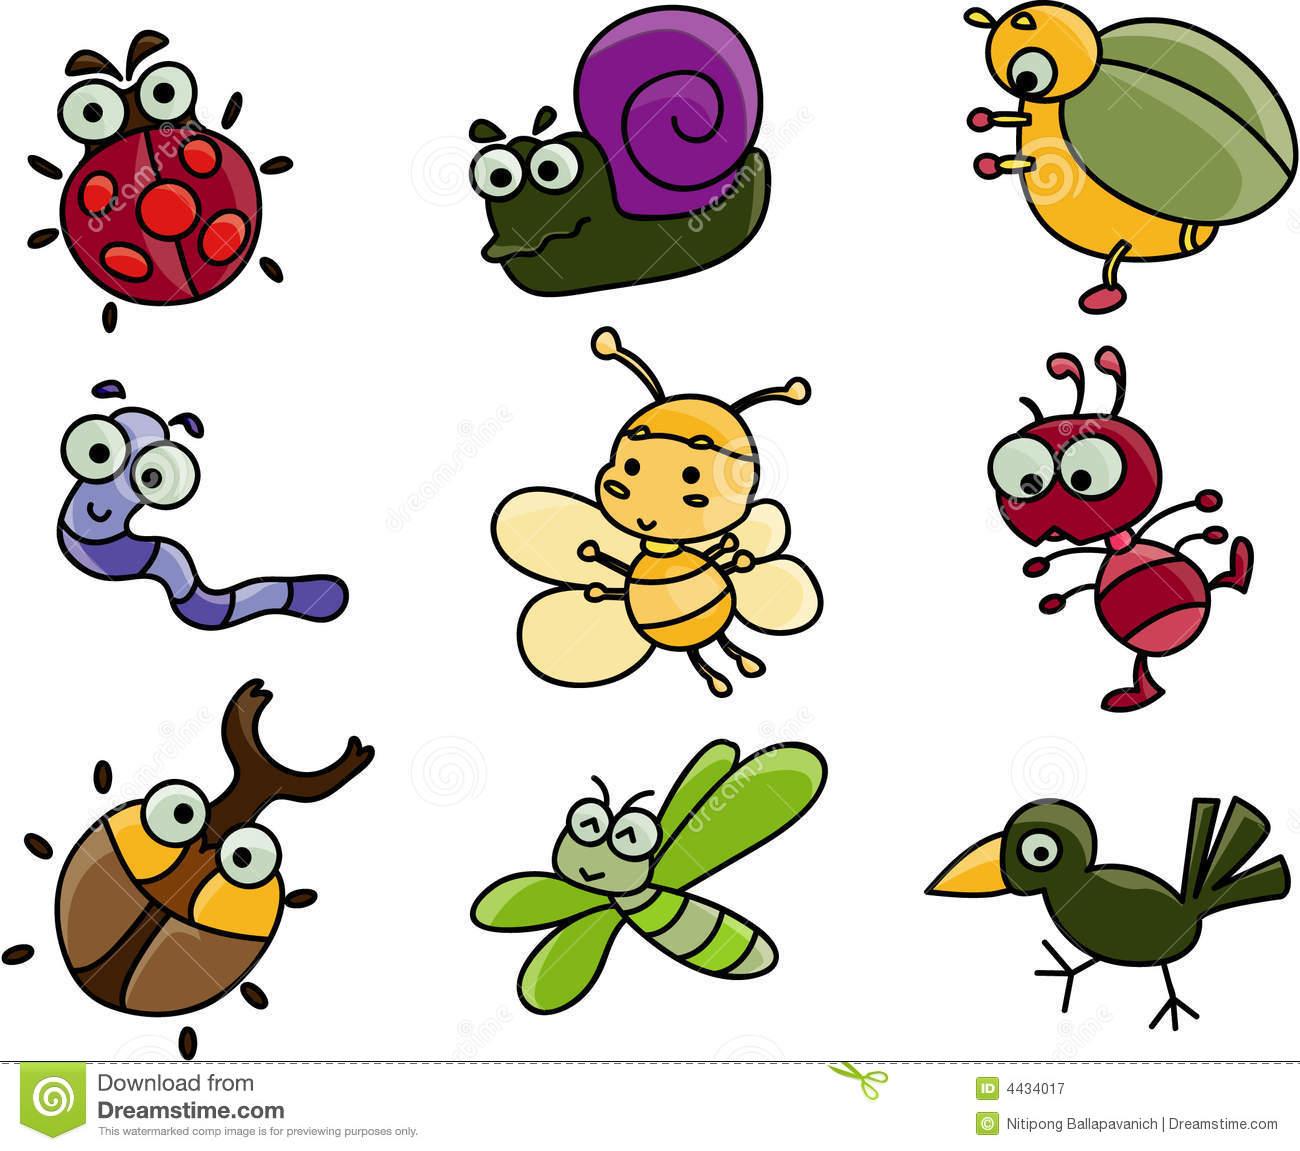 Bug clipart cartoon, Bug cartoon Transparent FREE for.